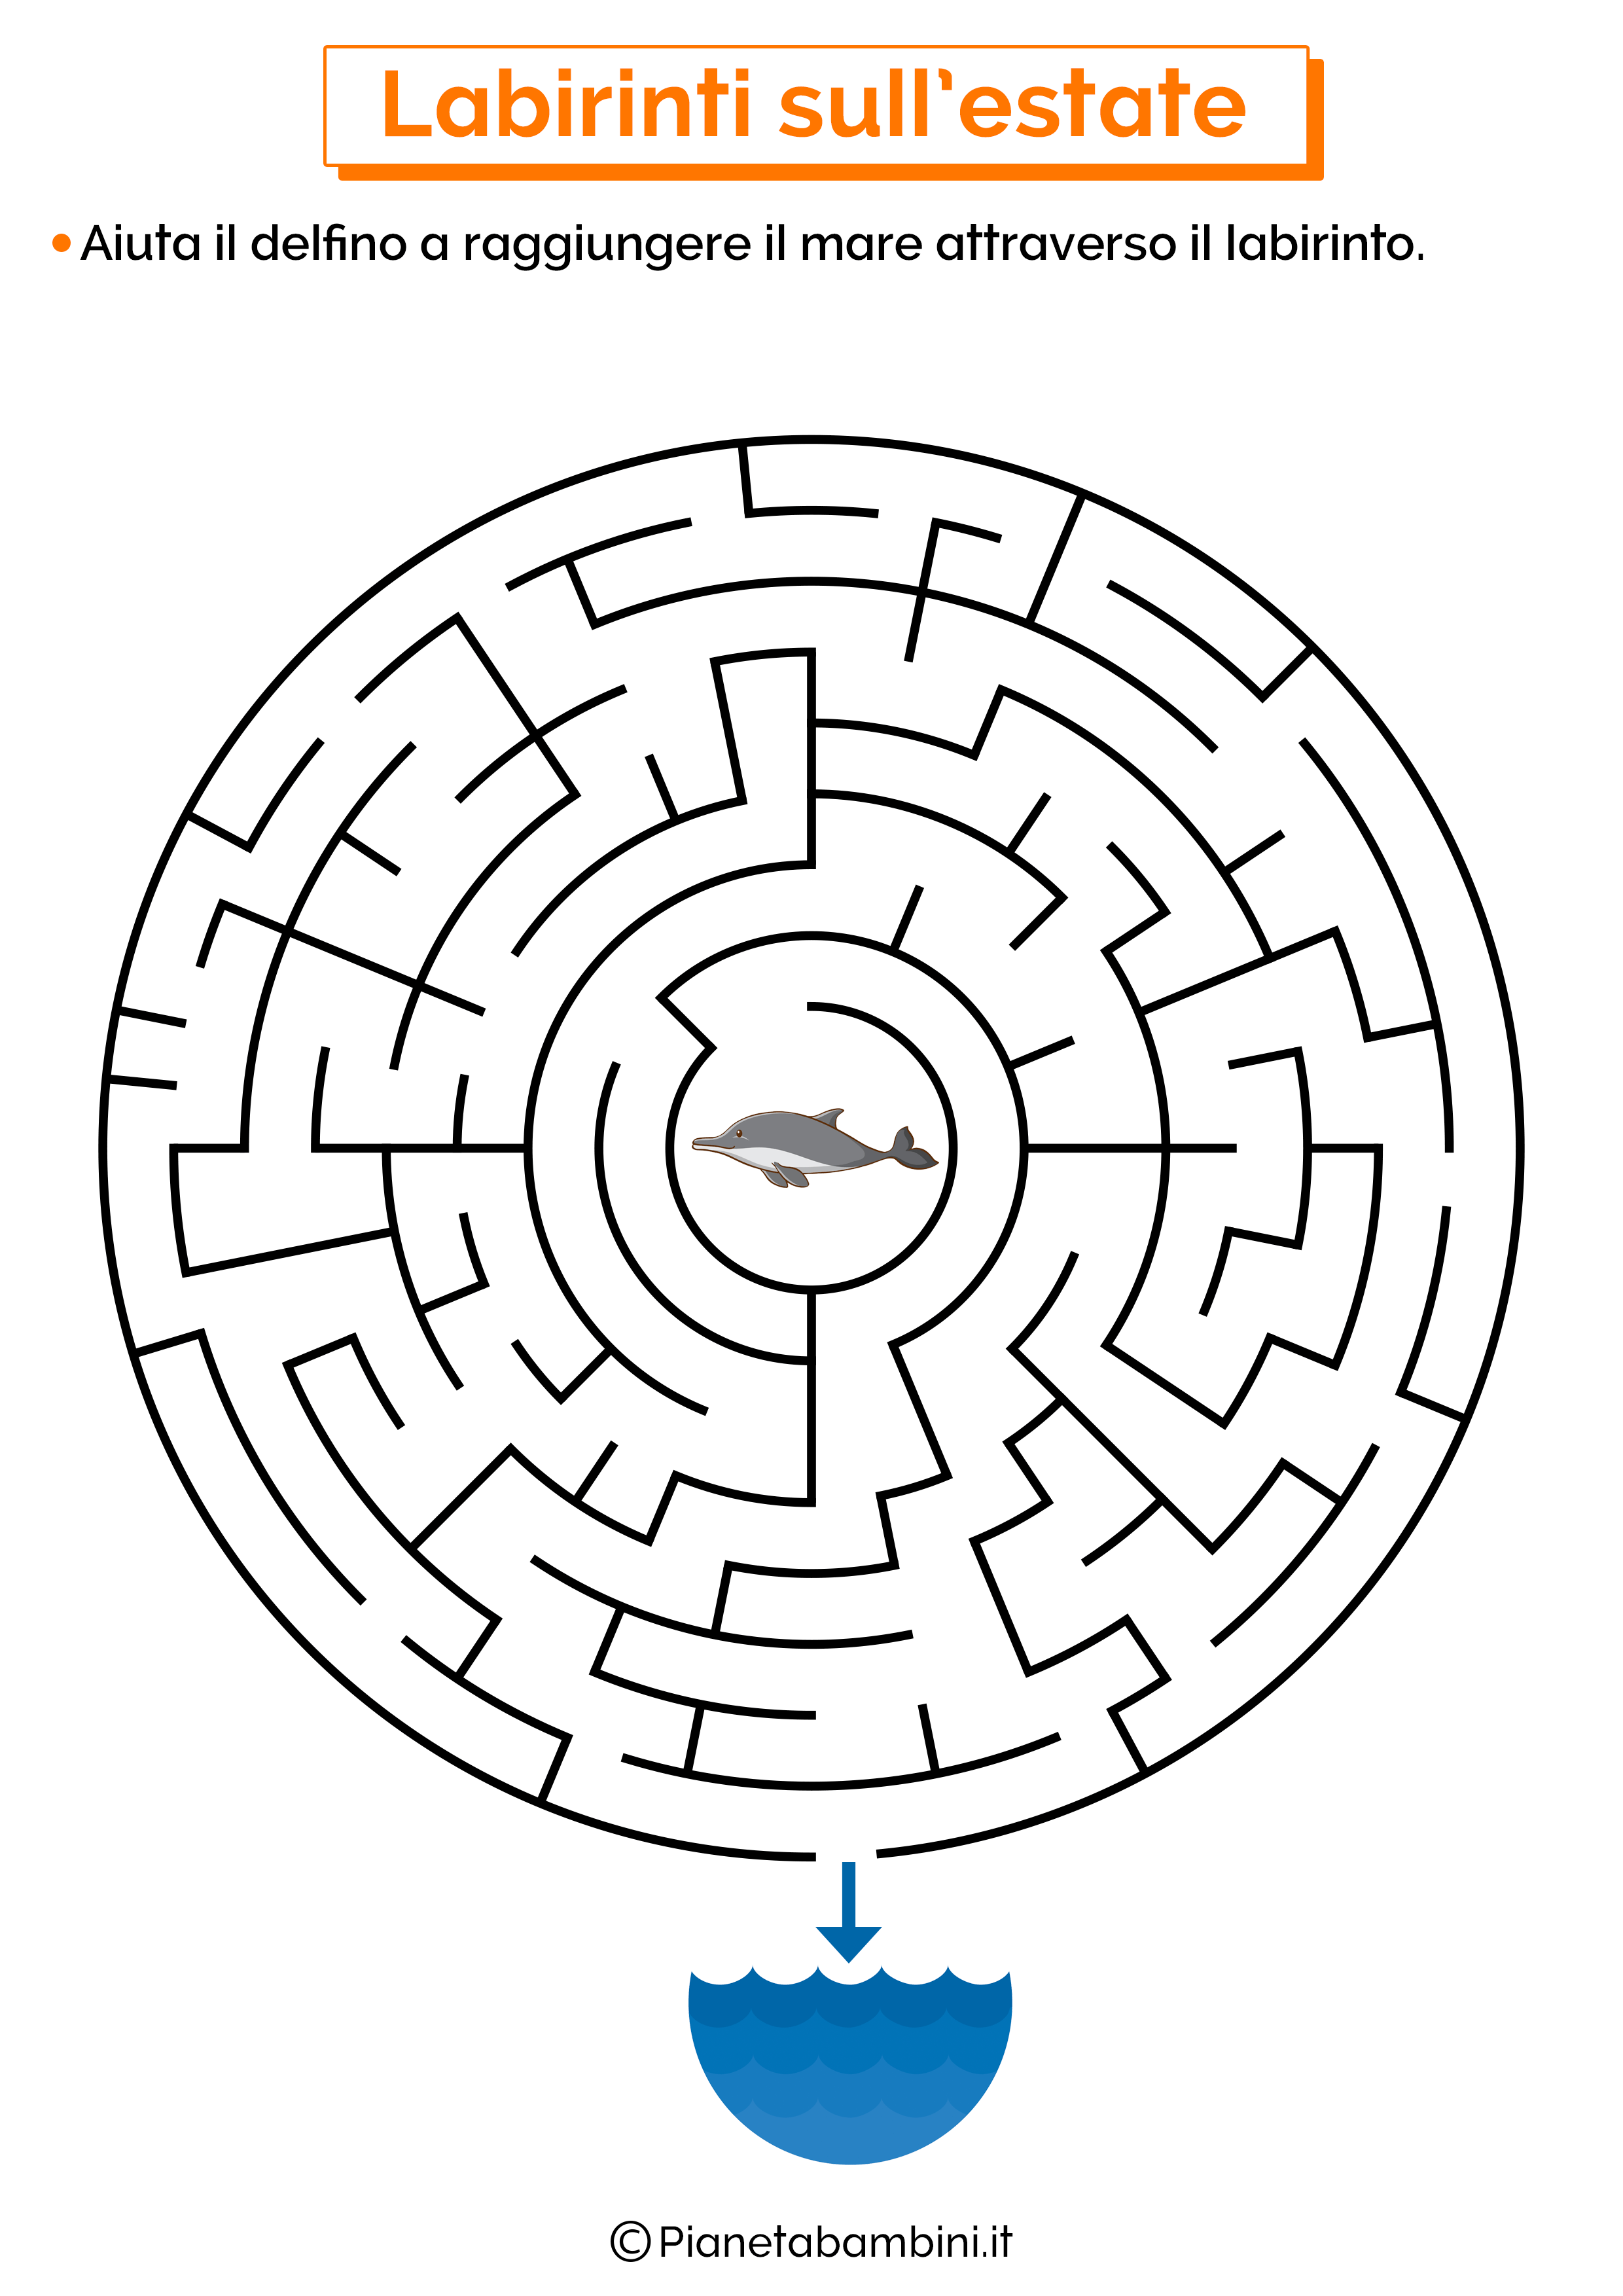 Labirinto sull'estate 08